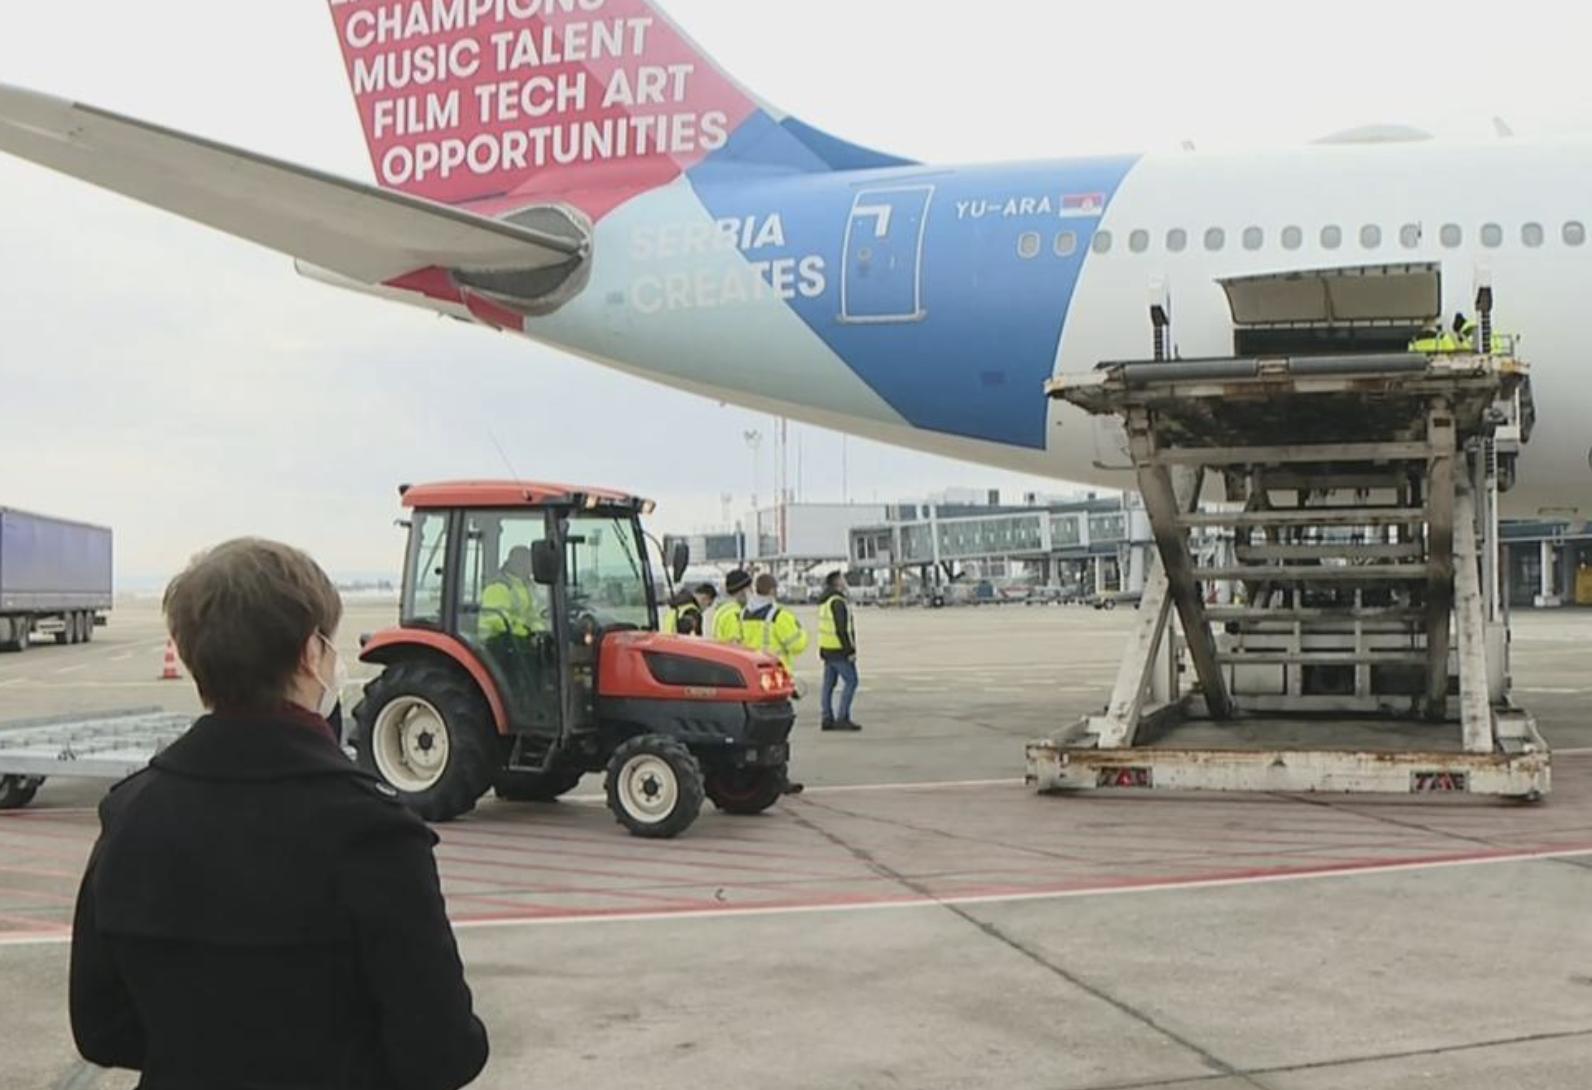 Σερβία: Το Μπαχρέιν απέστειλε δωρεά με ιατρικό εξοπλισμό για την καταπολέμηση του COVID-19